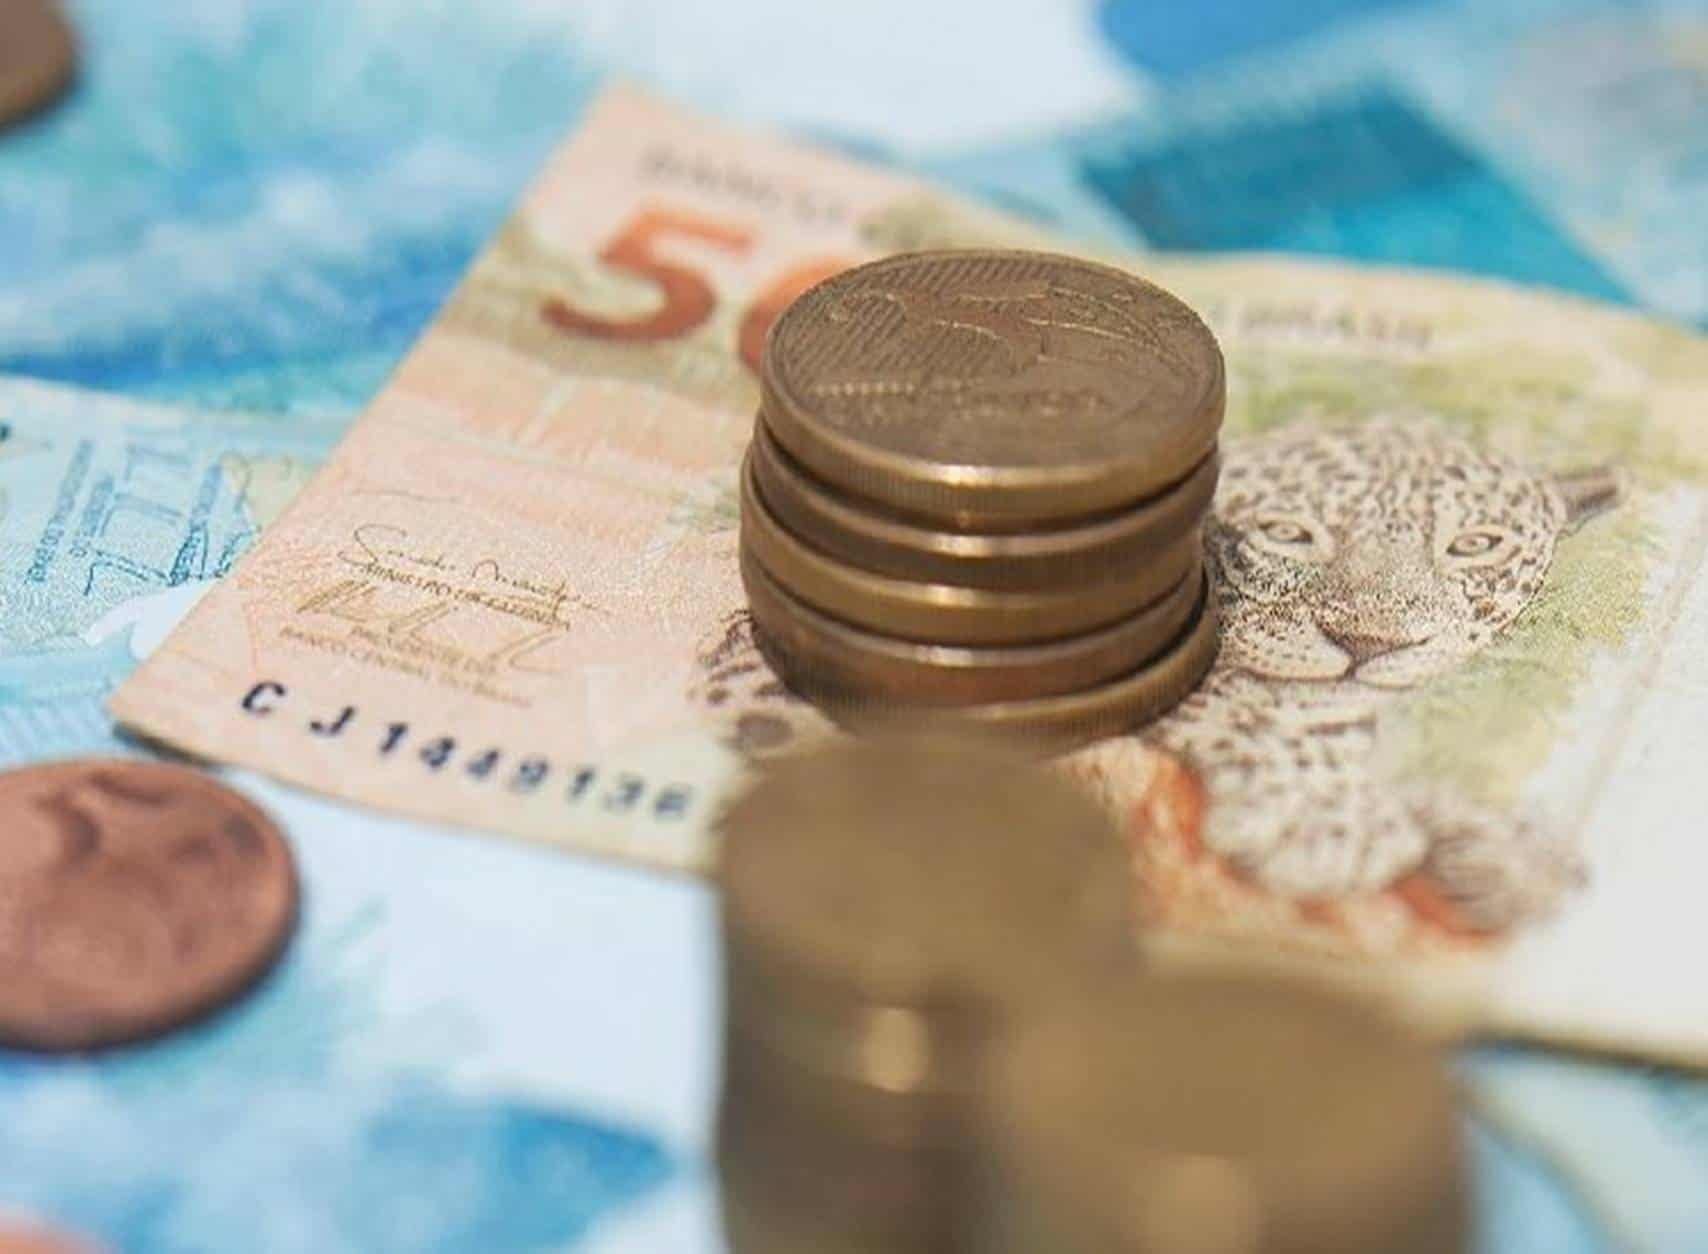 Saiba o que é preciso fazer para receber até R$ 1.200 que será pago a quem não tem carteira assinada